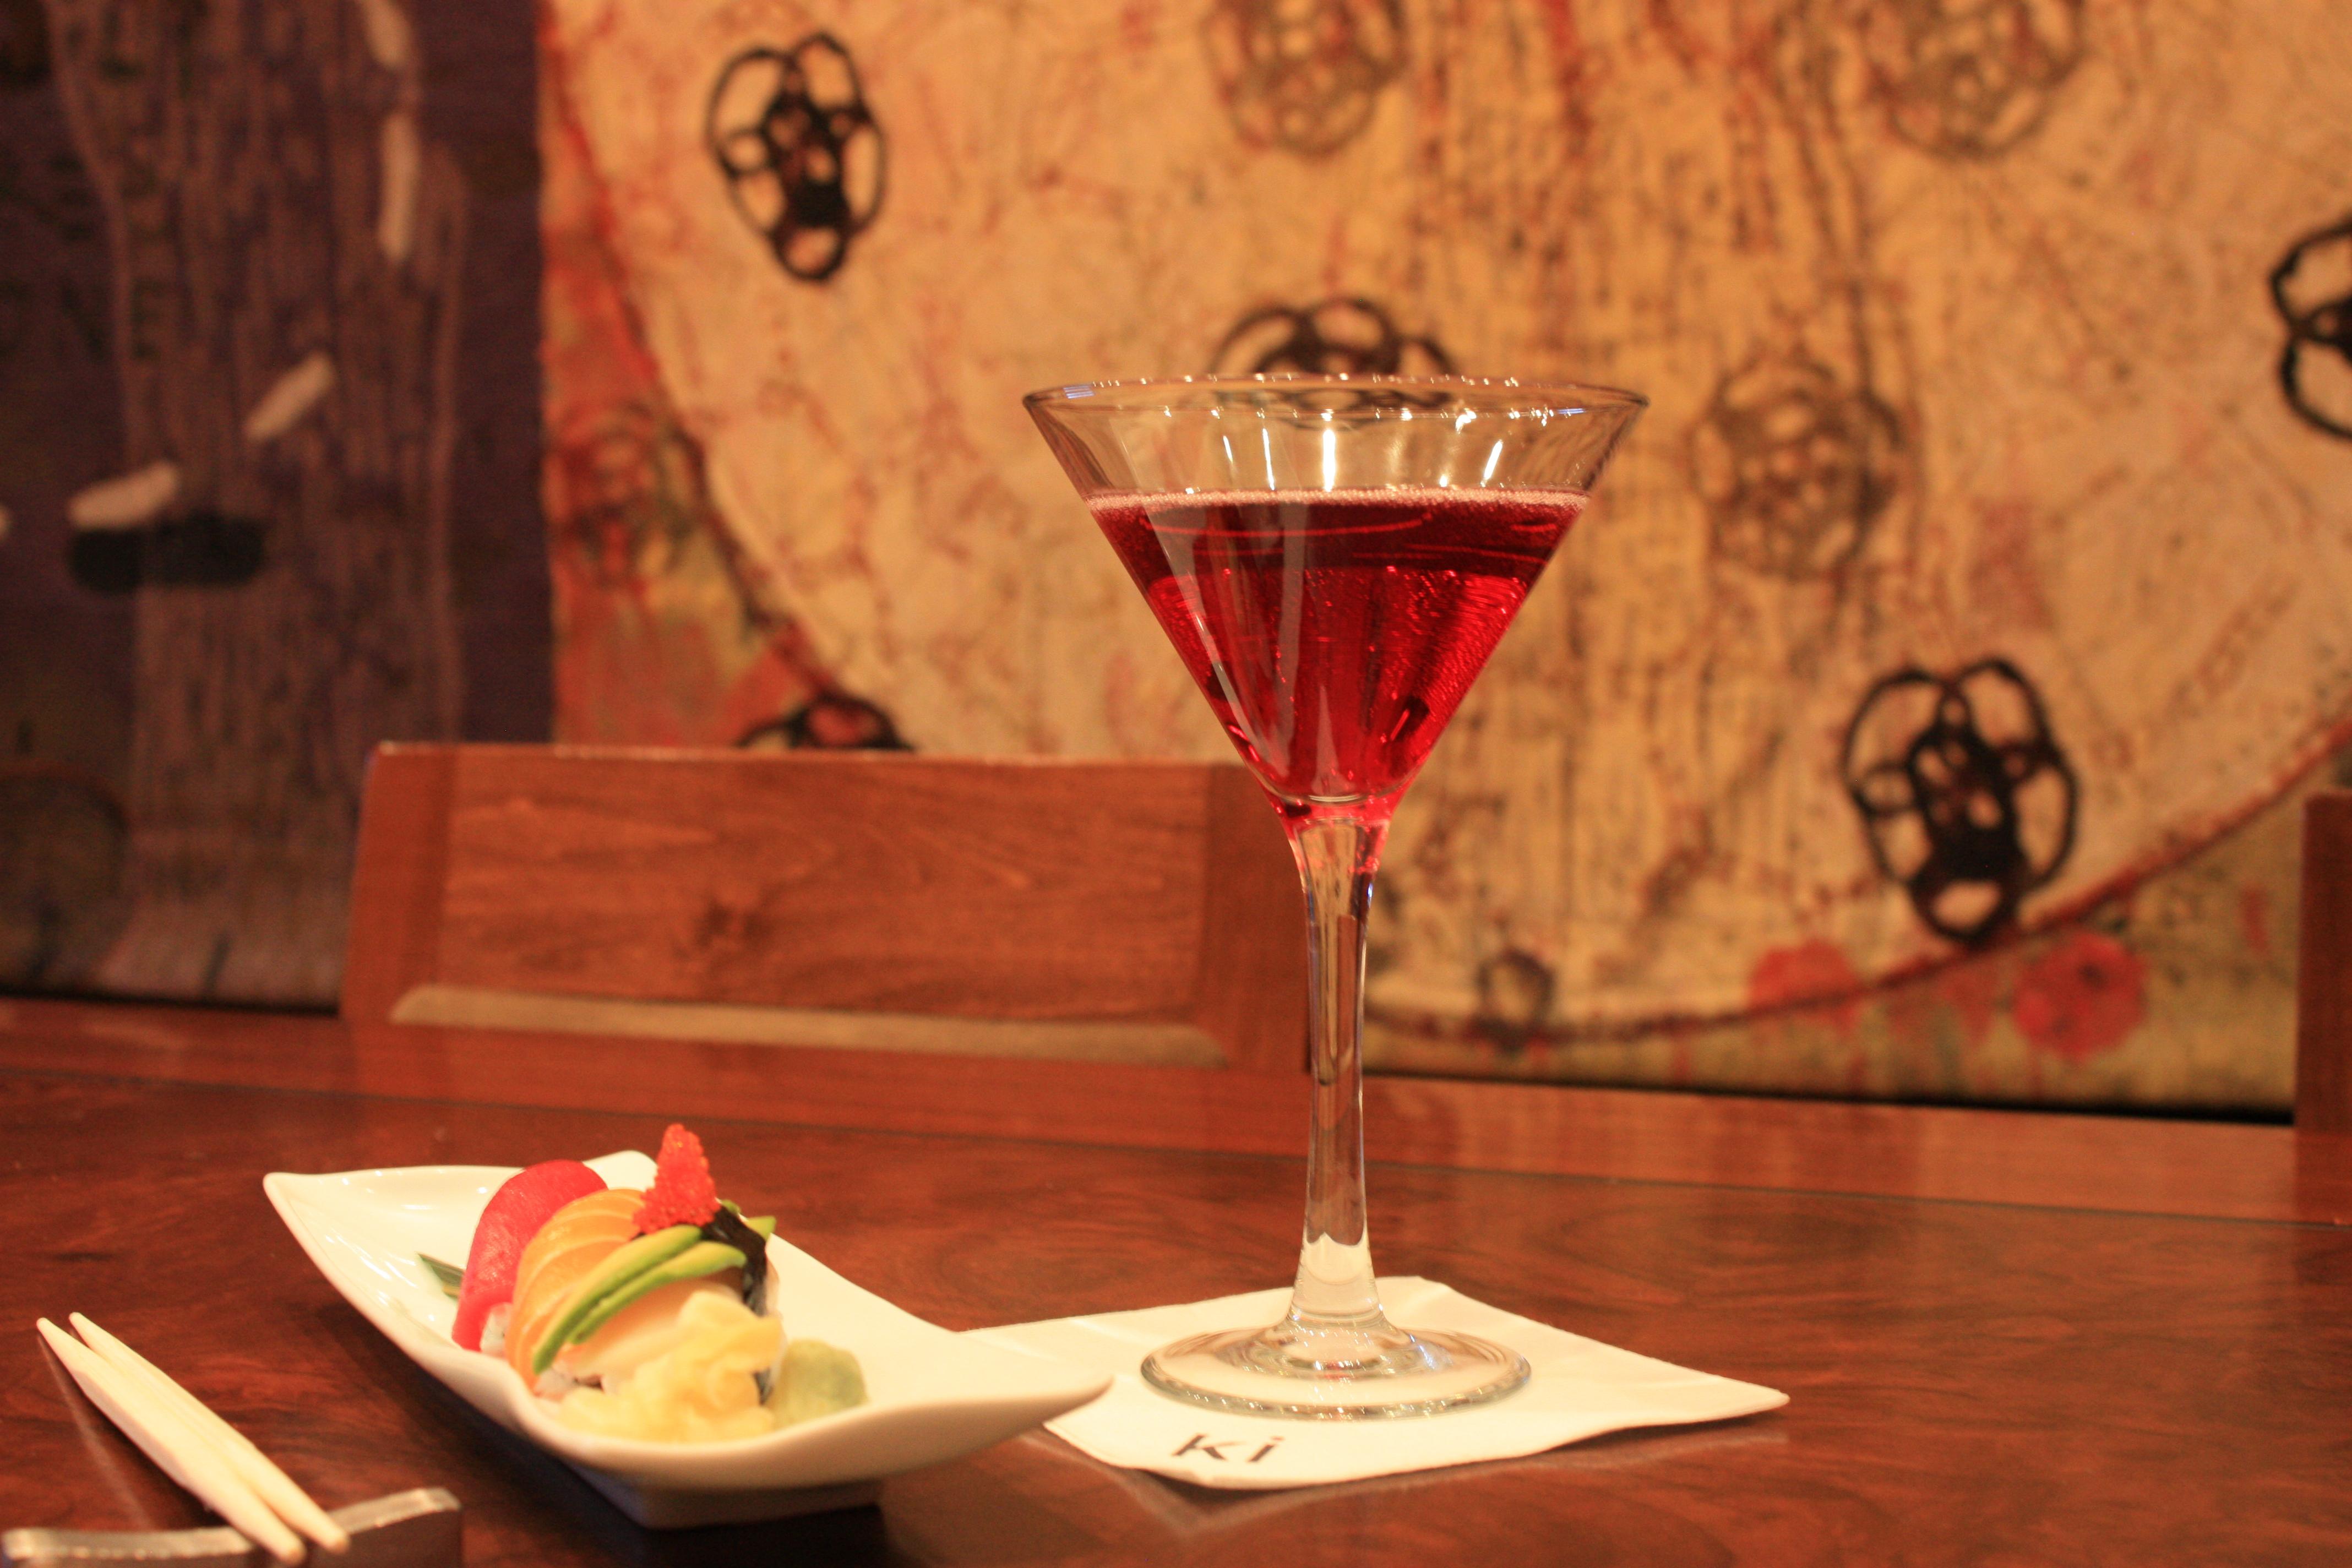 Image: Red Velvet Cocktail